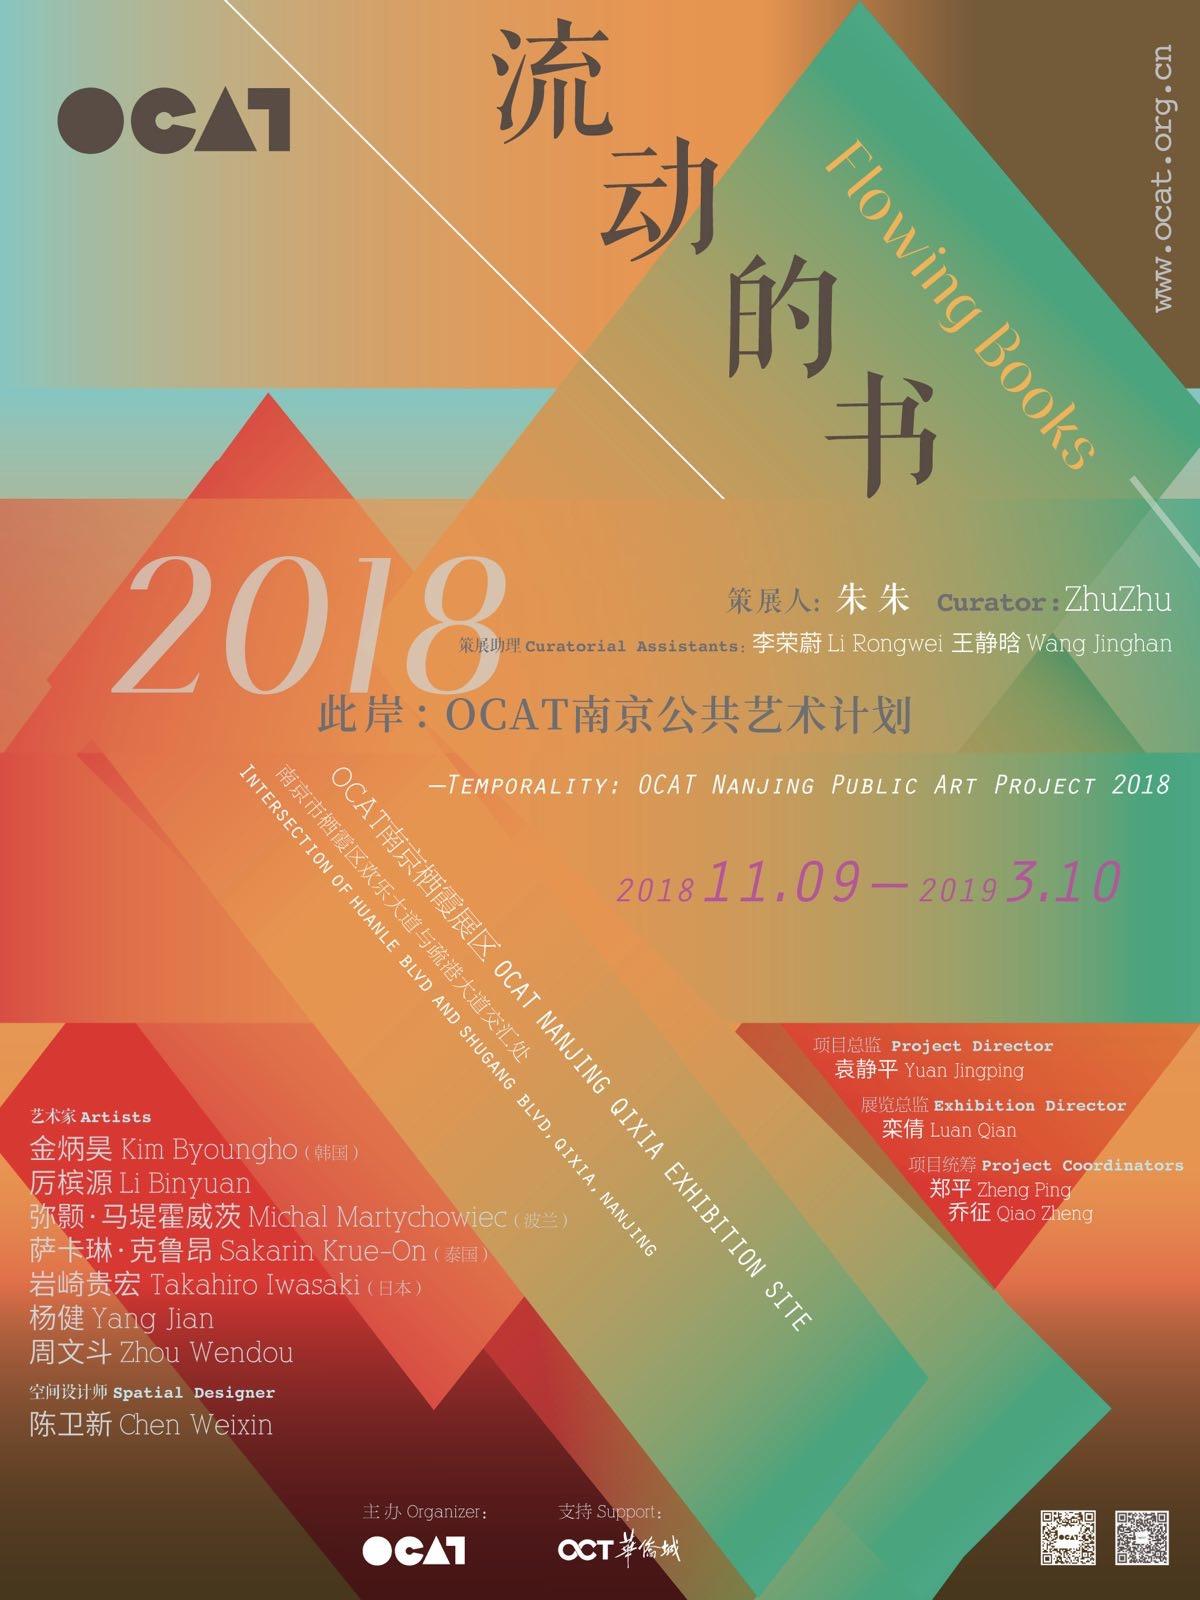 周文斗参与OCAT南京公共艺术计划 2018